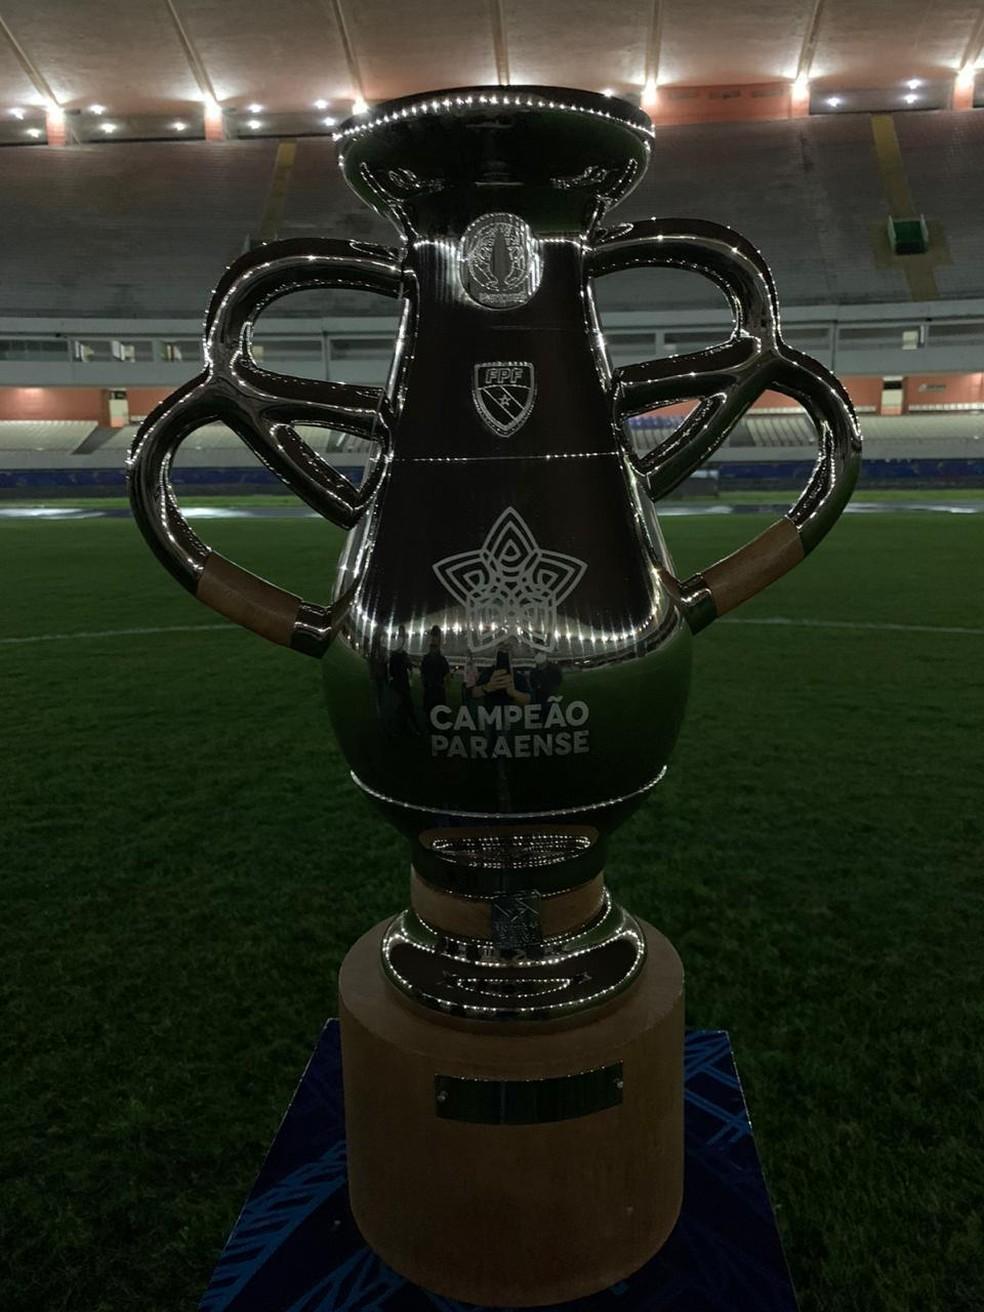 Taça de campeão do Campeonato Paraense 2020 — Foto: Divulgação